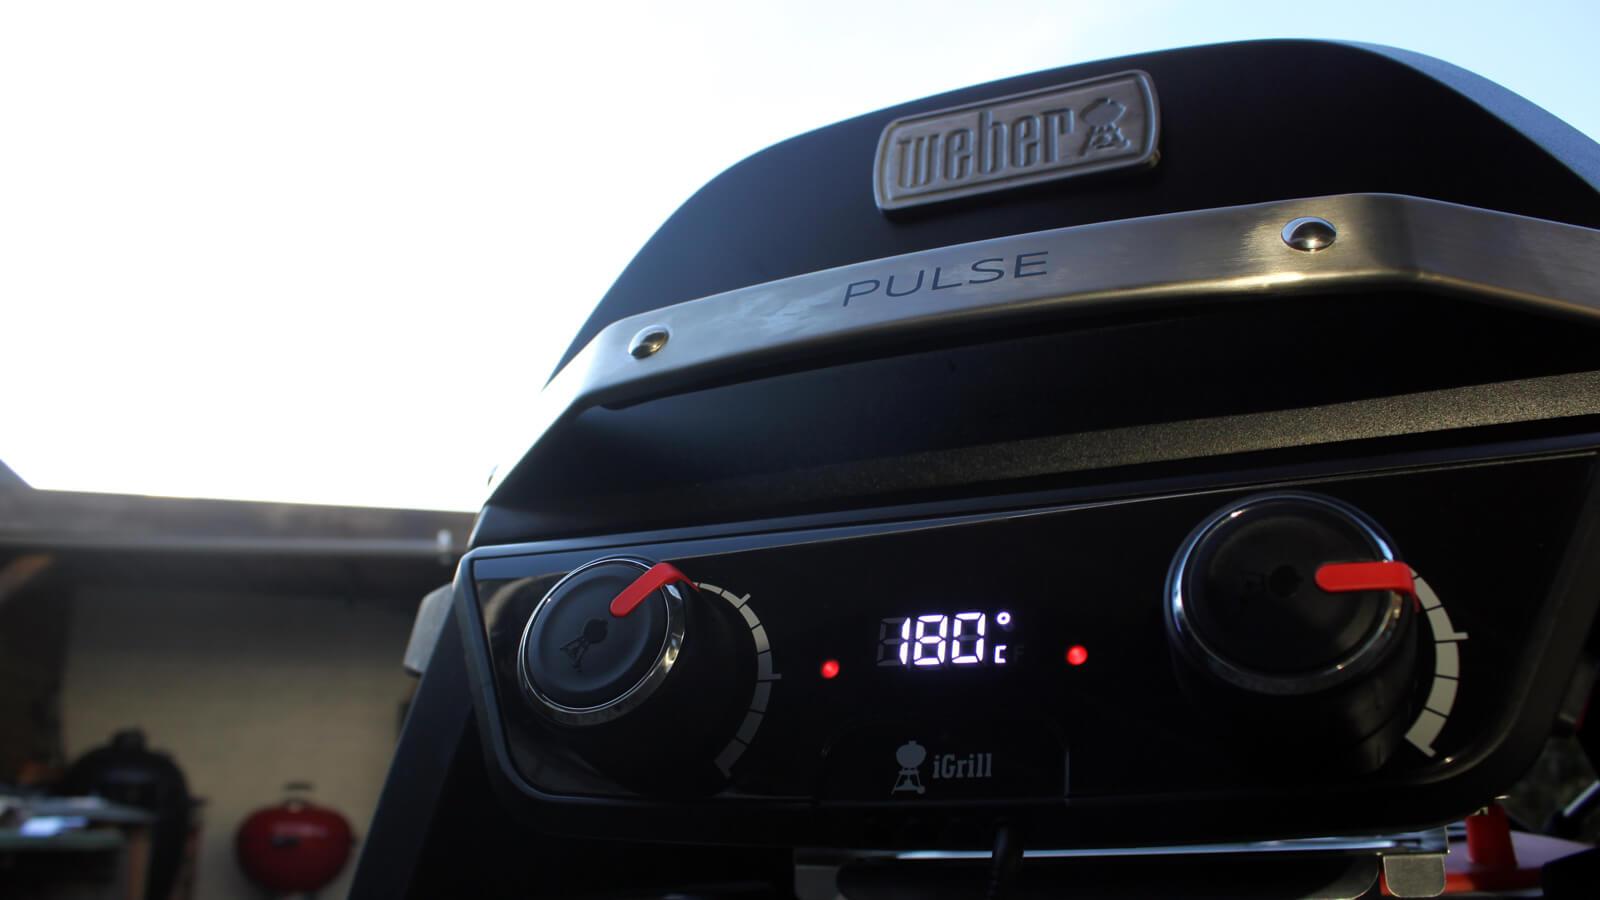 Ik testte de Weber Pulse 2000, de nieuwste elektrische BBQ van Weber, en schreef er een uitgebreide review over!